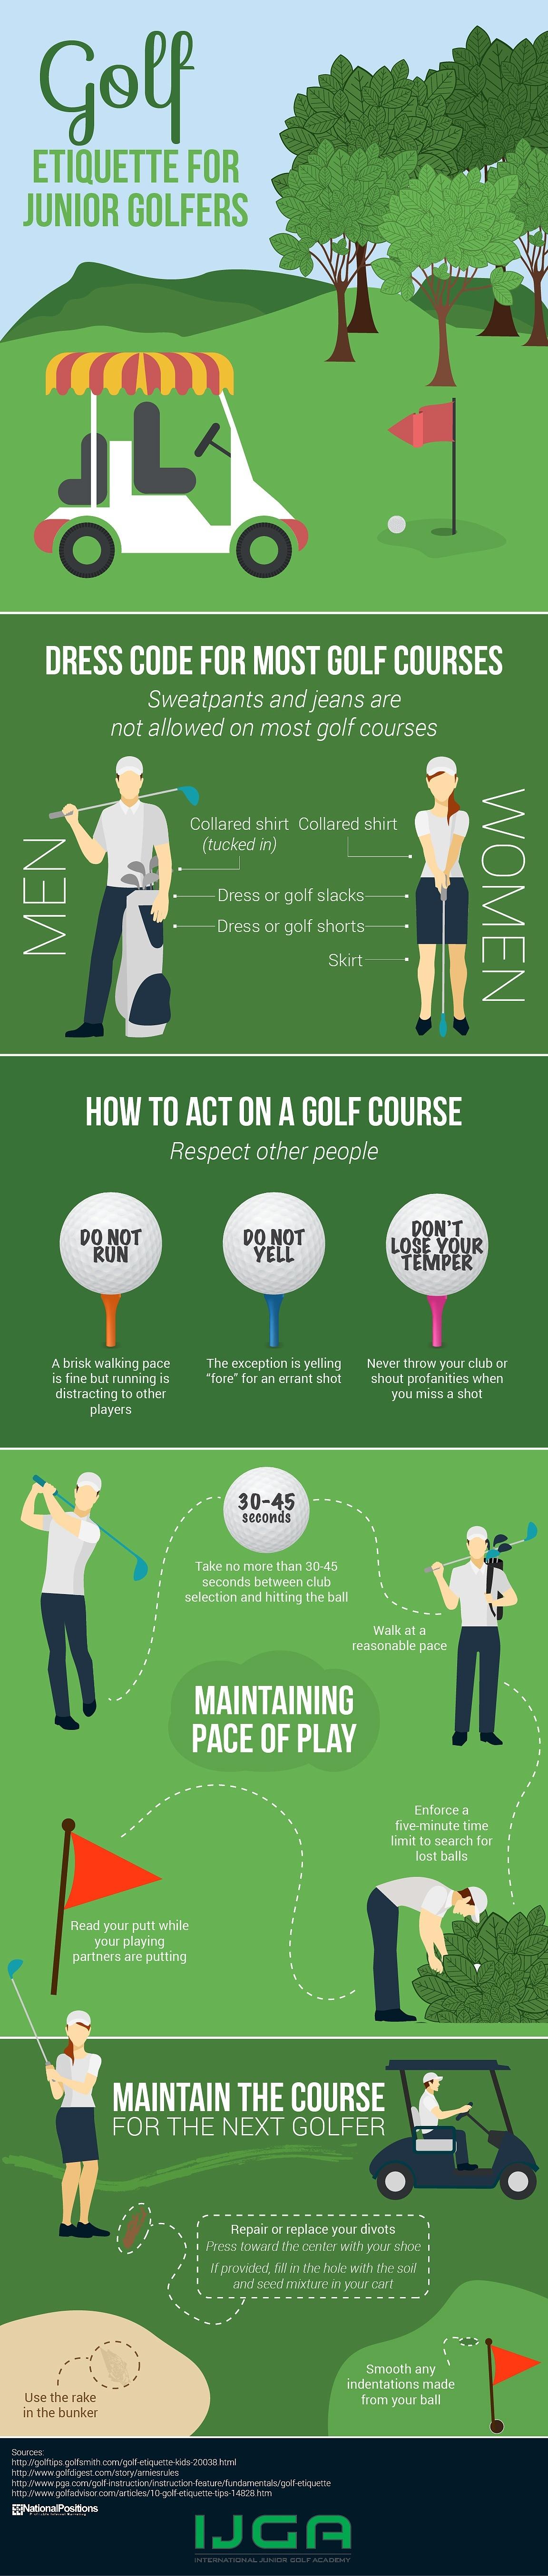 Golf Etiquette for Juniors